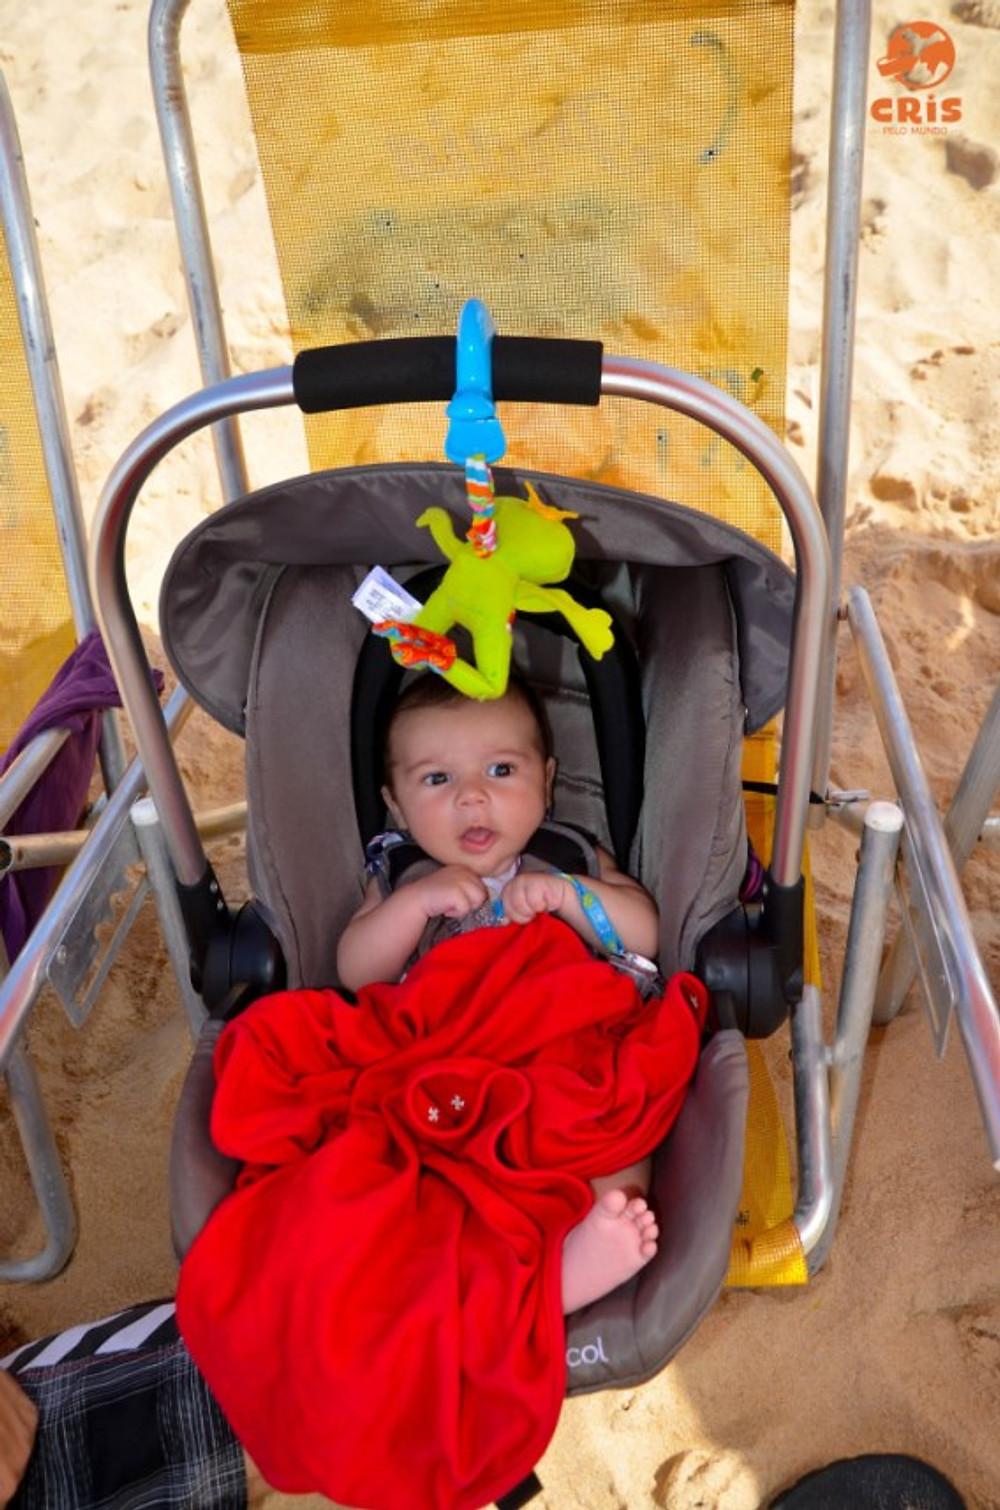 viajar com bebe viajando com bebe crisstilben cris pelo mundo cris stilben (26)